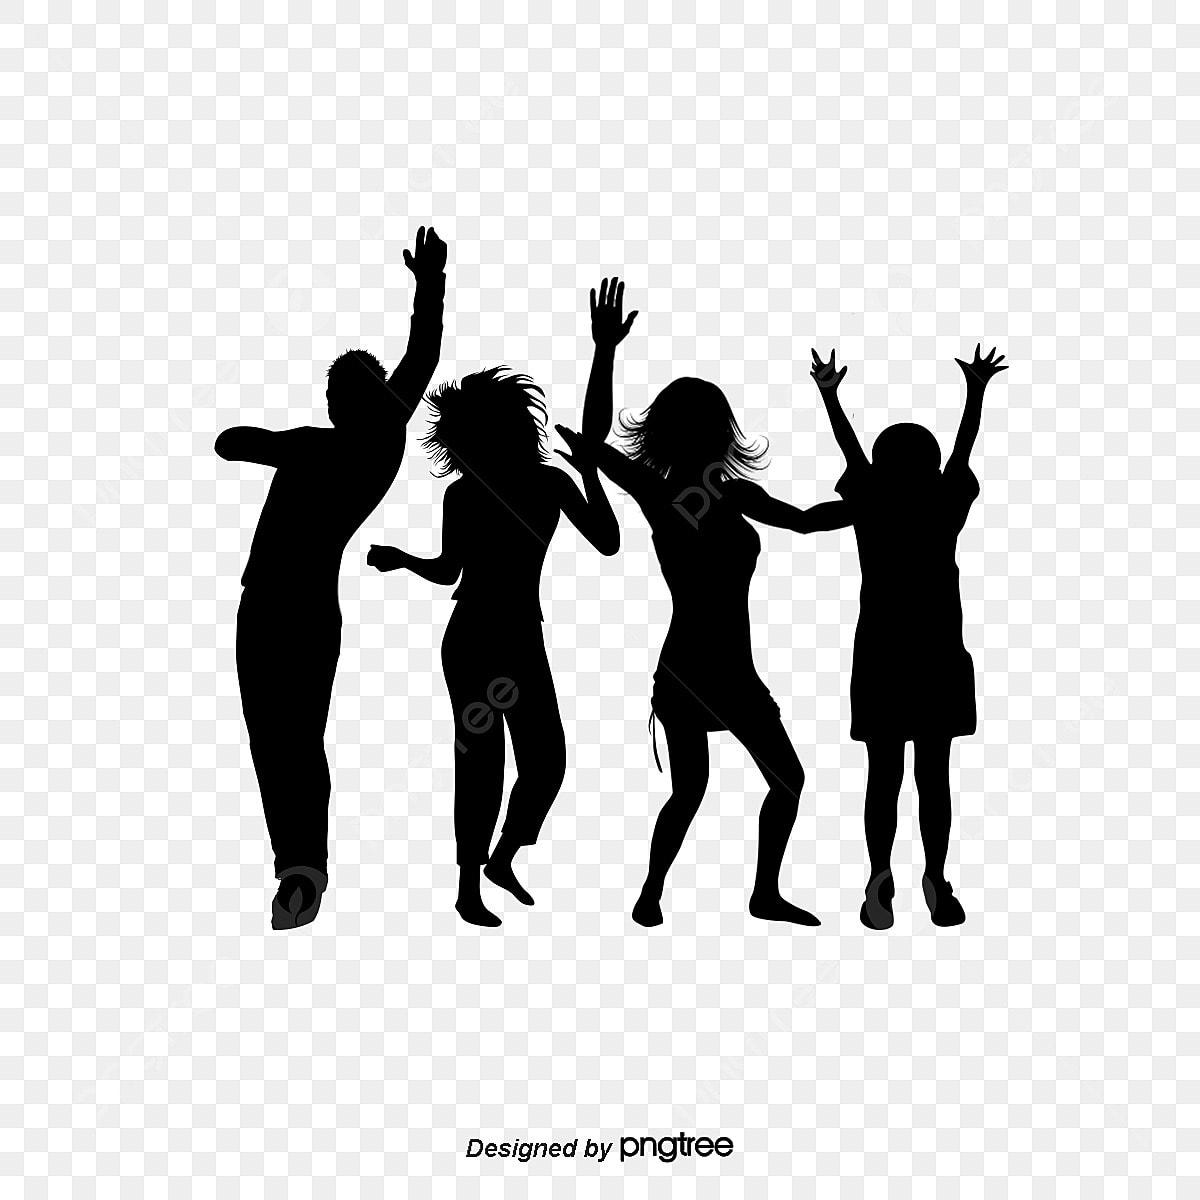 la danse de silhouette vecteur dessin peint  u00e0 la main png et vecteur pour t u00e9l u00e9chargement gratuit